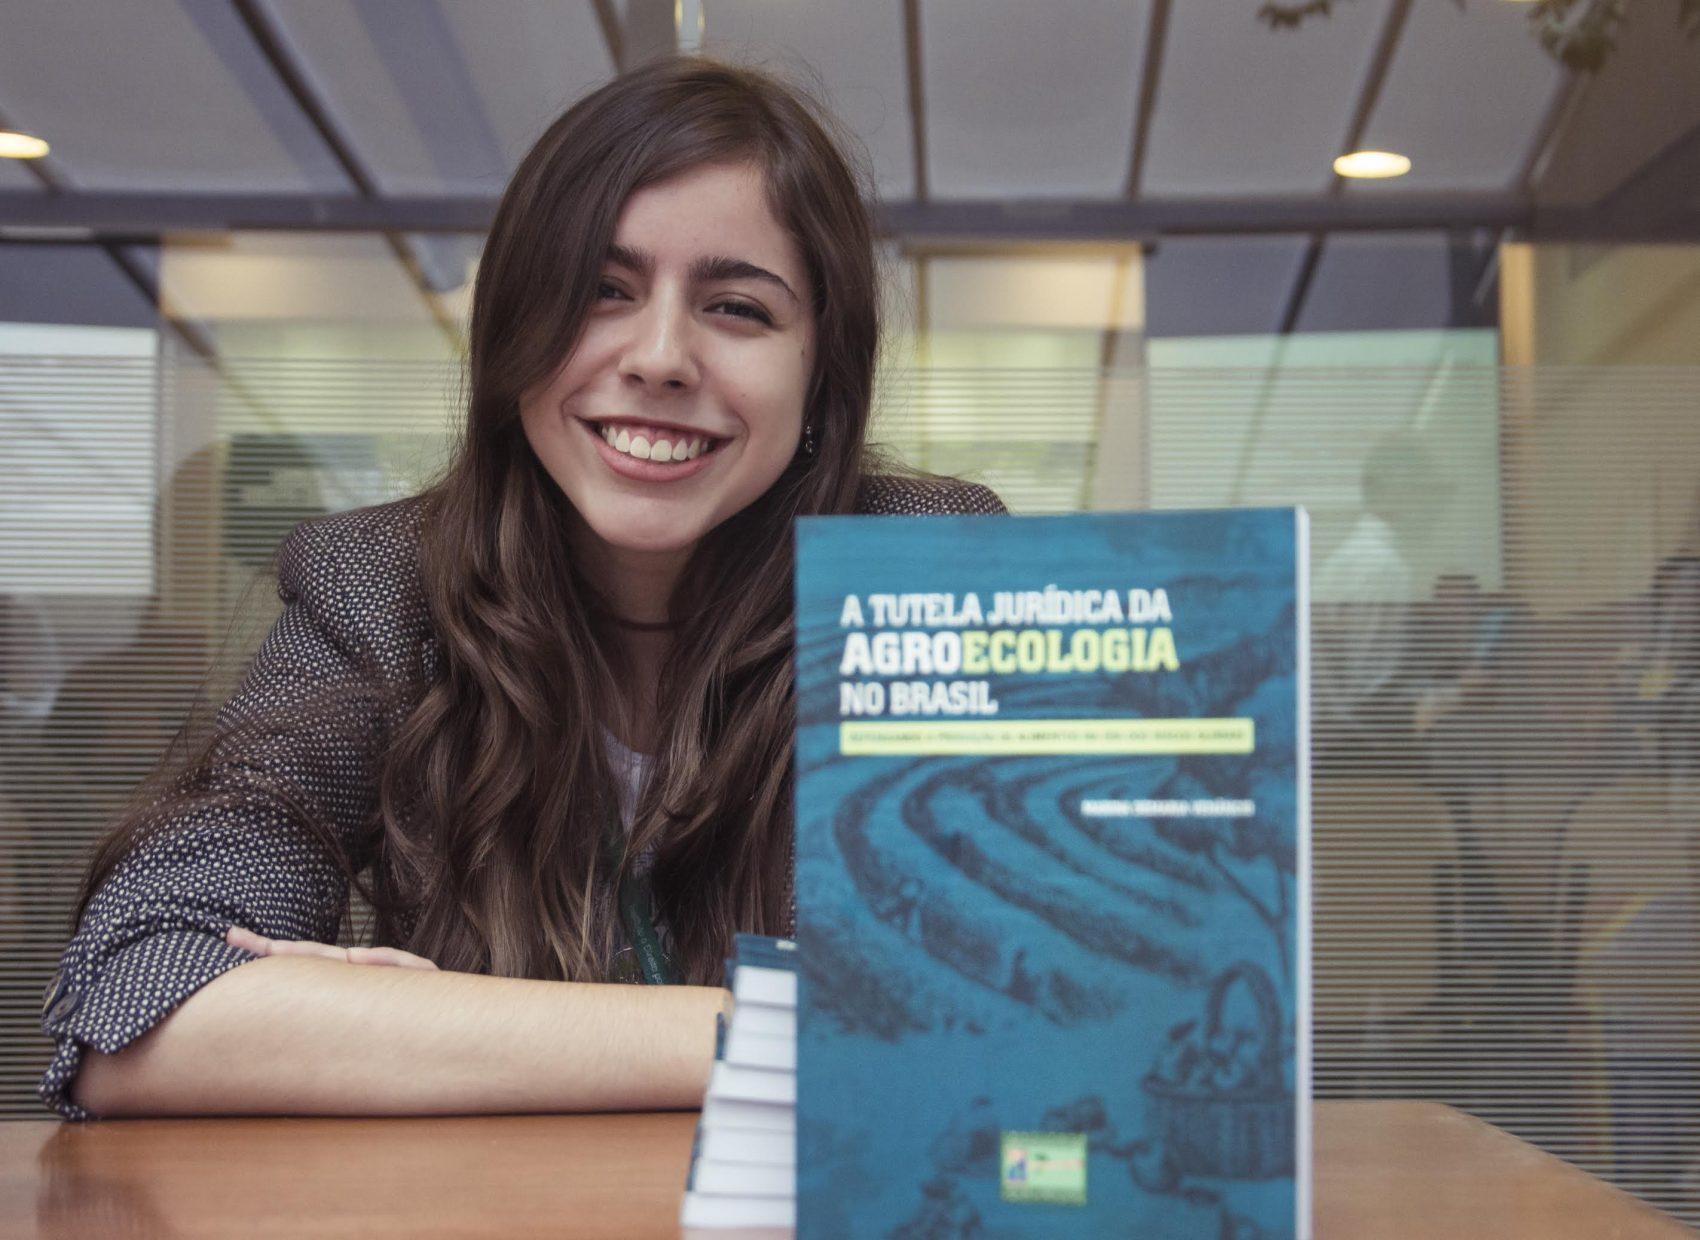 A catarinense Marina Venância no lançamento do livro com sua premiada tese de mestrado: foco em agroecologia e direito ambiental (Foto: Carol Sperandio - Fotografia cedida pelo Instiuto O Direito por um Planeta Verde)